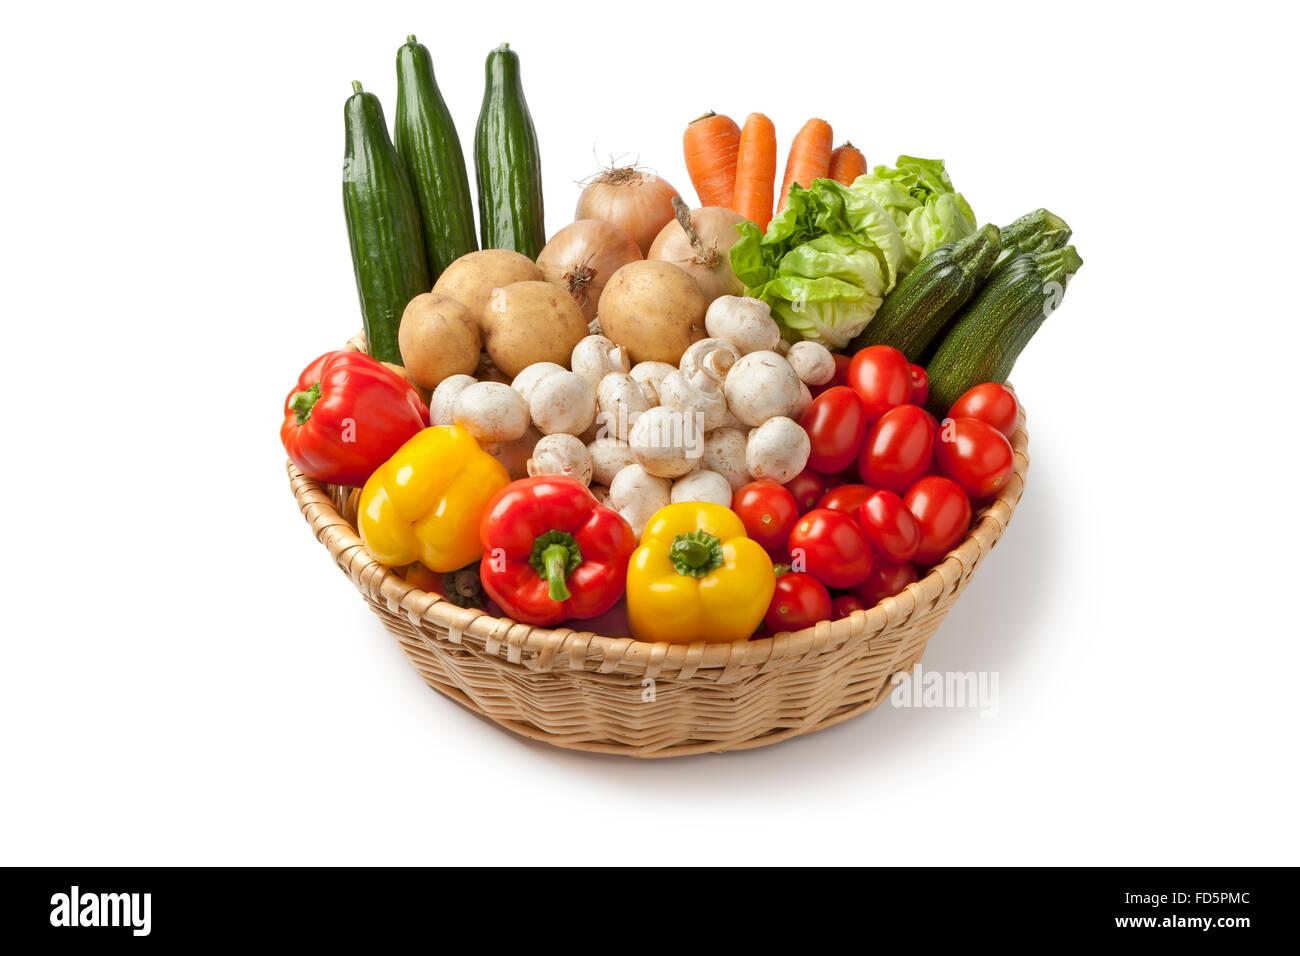 Cesta con verduras frescas sobre fondo blanco. Imagen De Stock